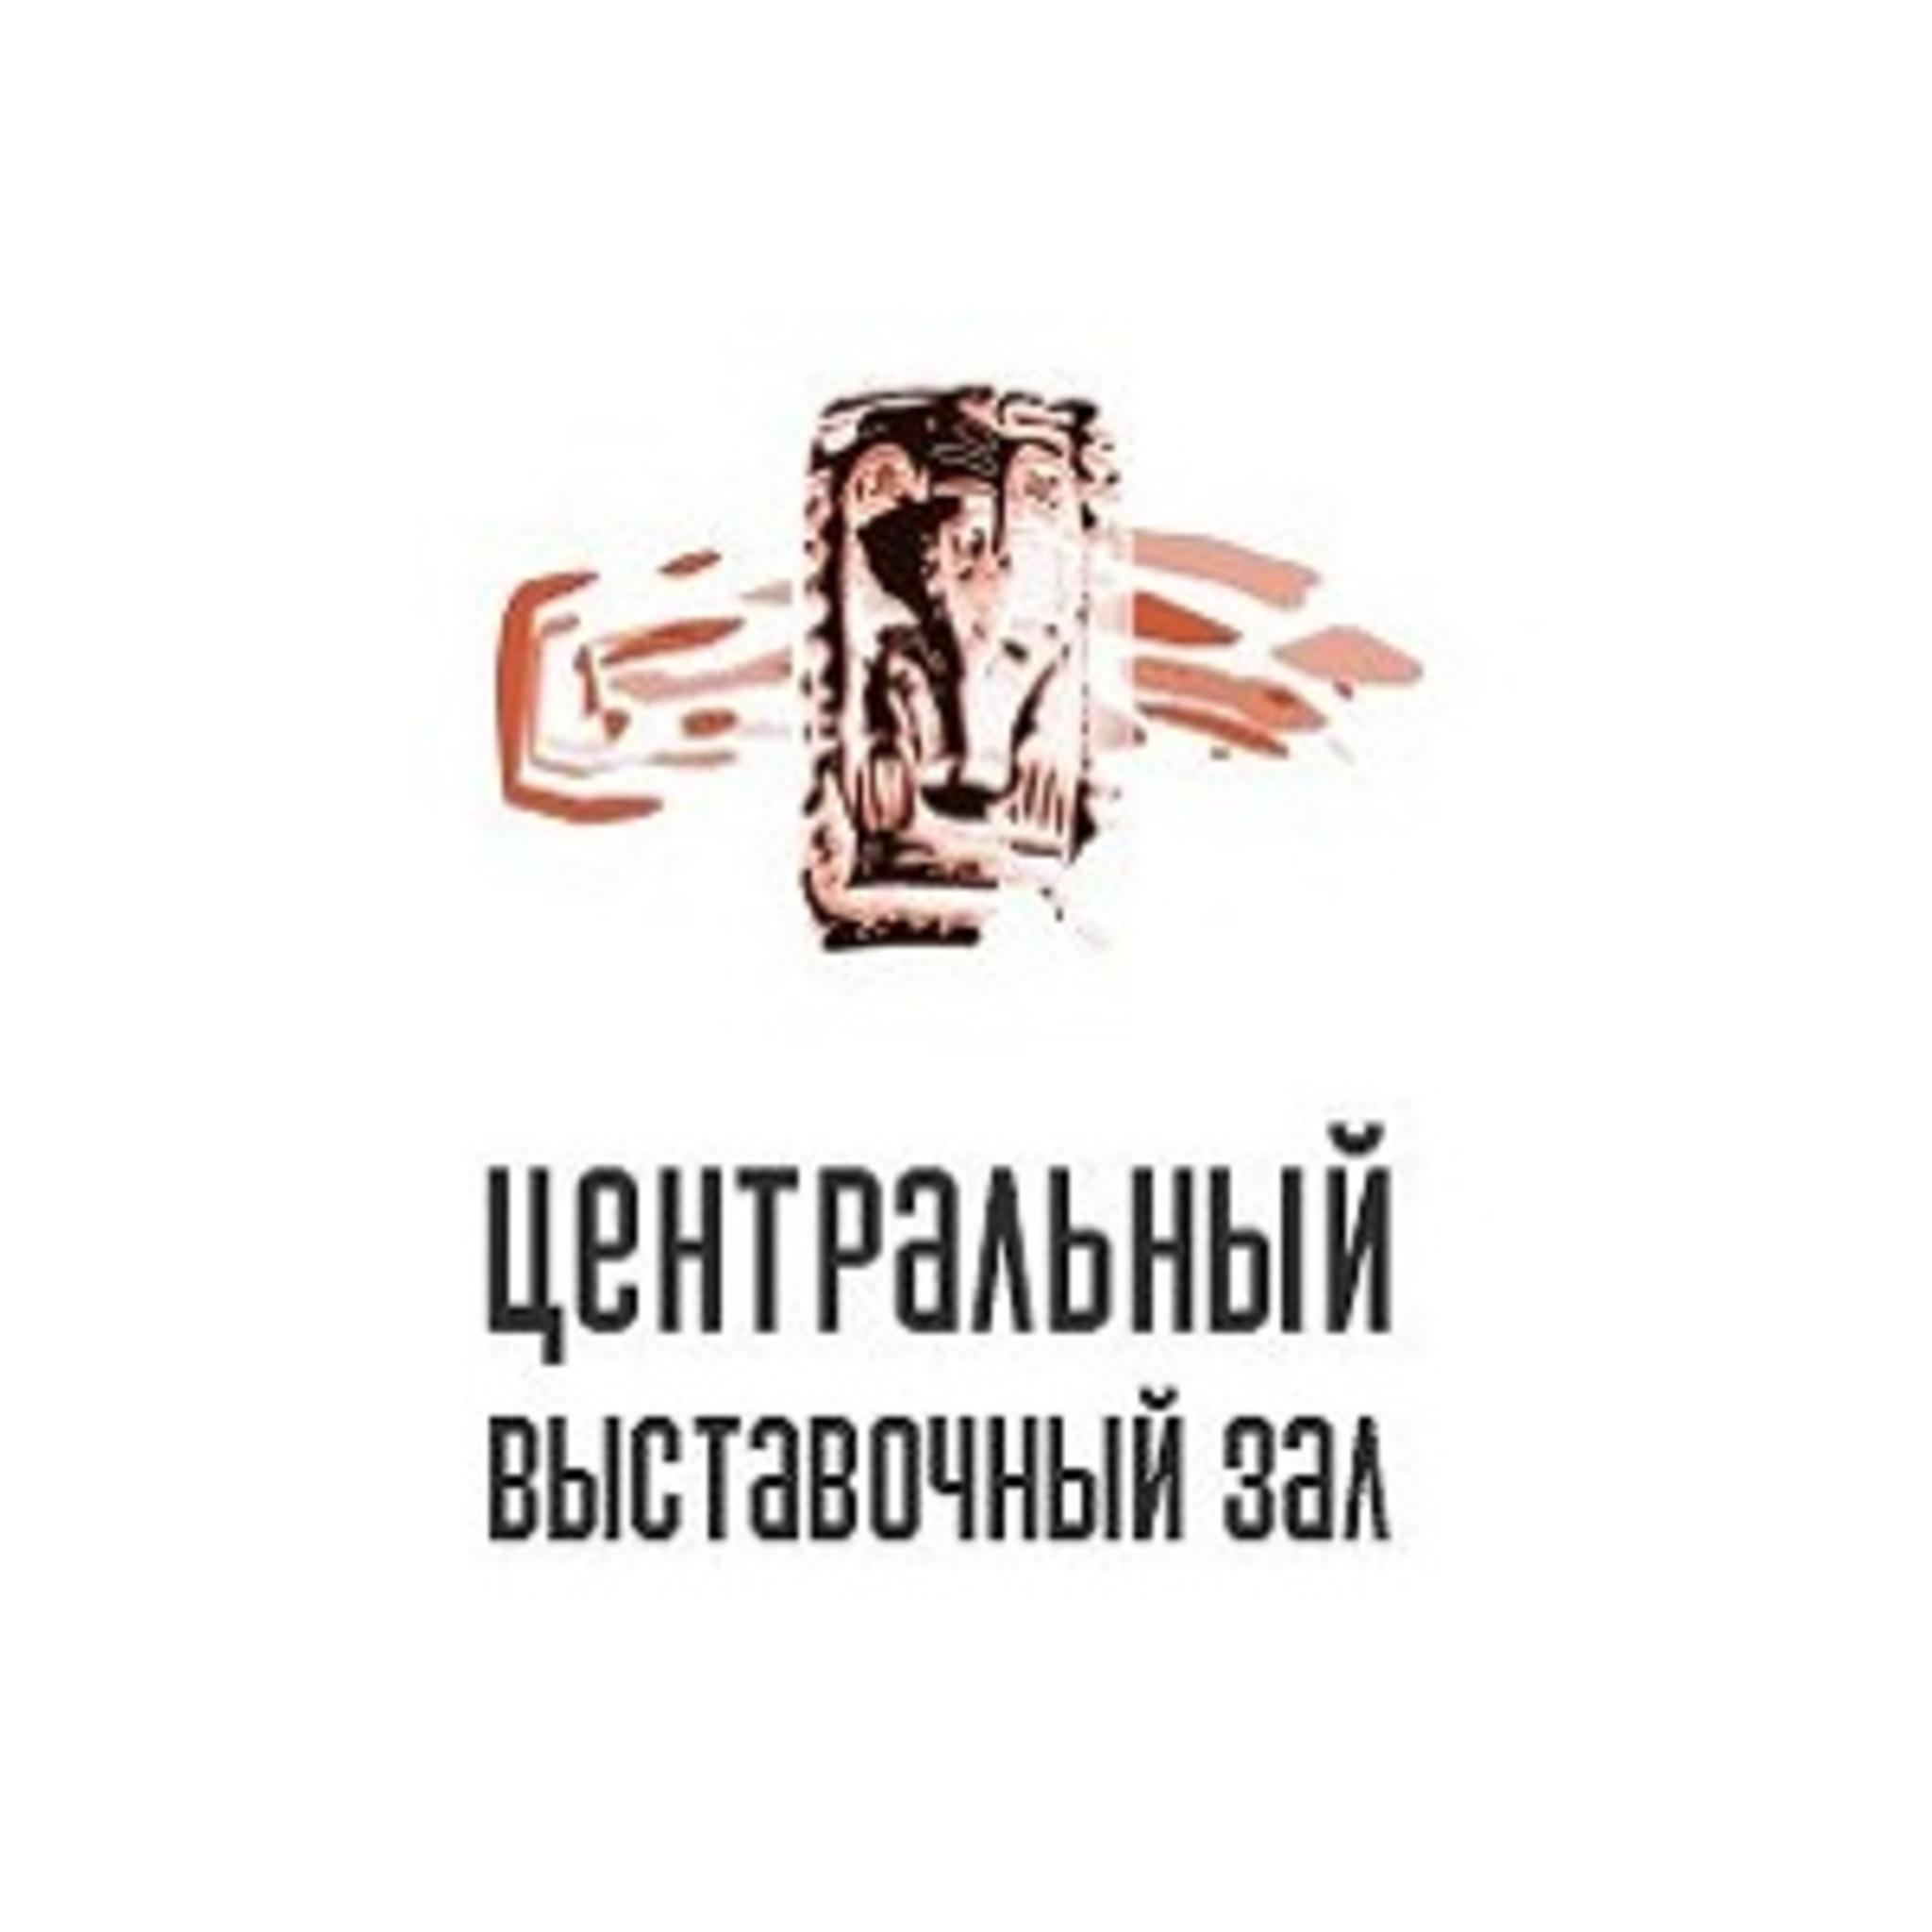 Центральный выставочный зал Перми